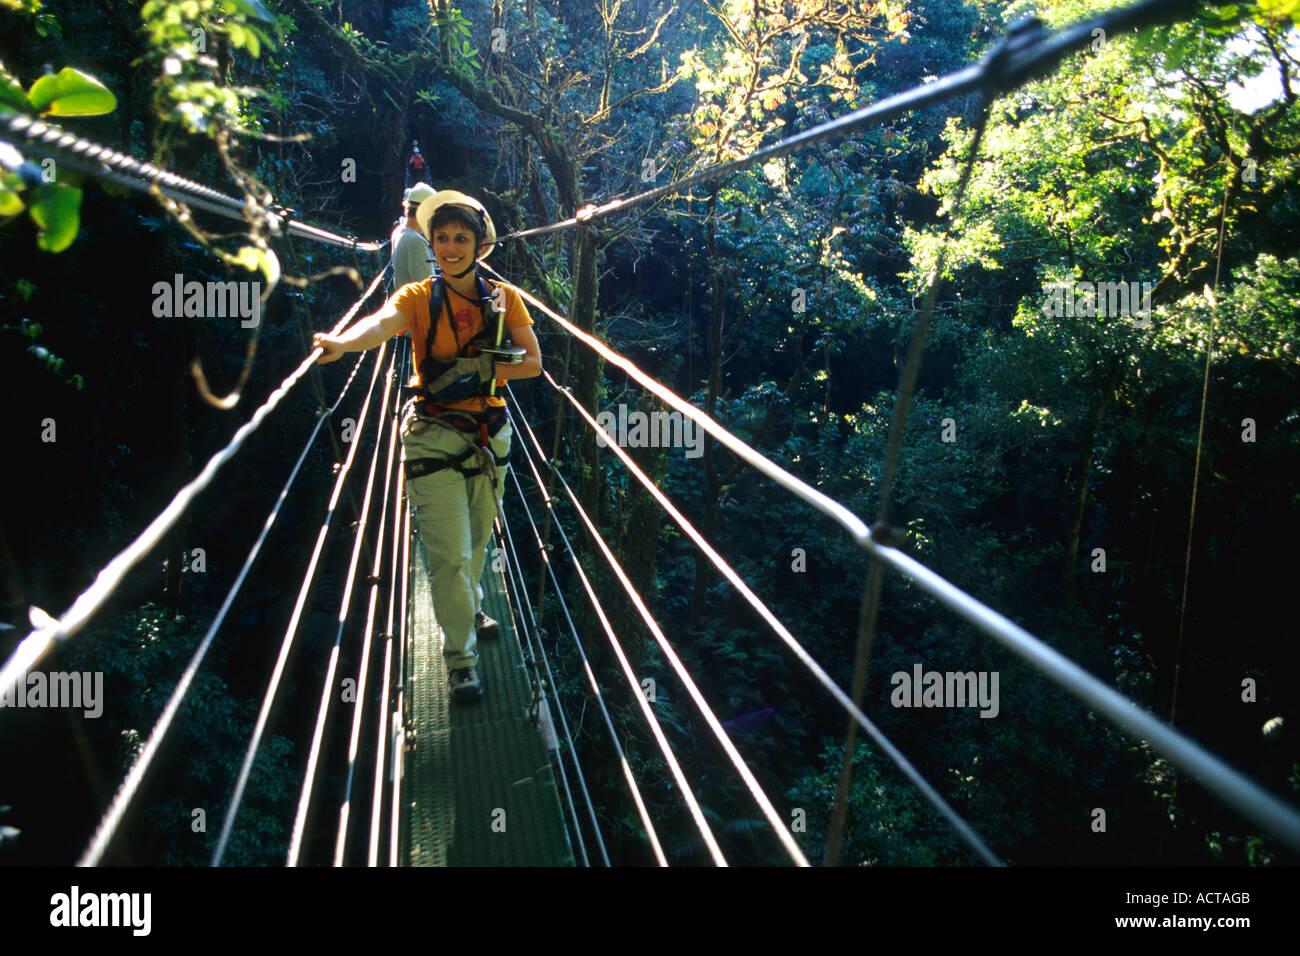 Mujer en puente de cables a través de la selva, Monteverde, Costa Rica Imagen De Stock